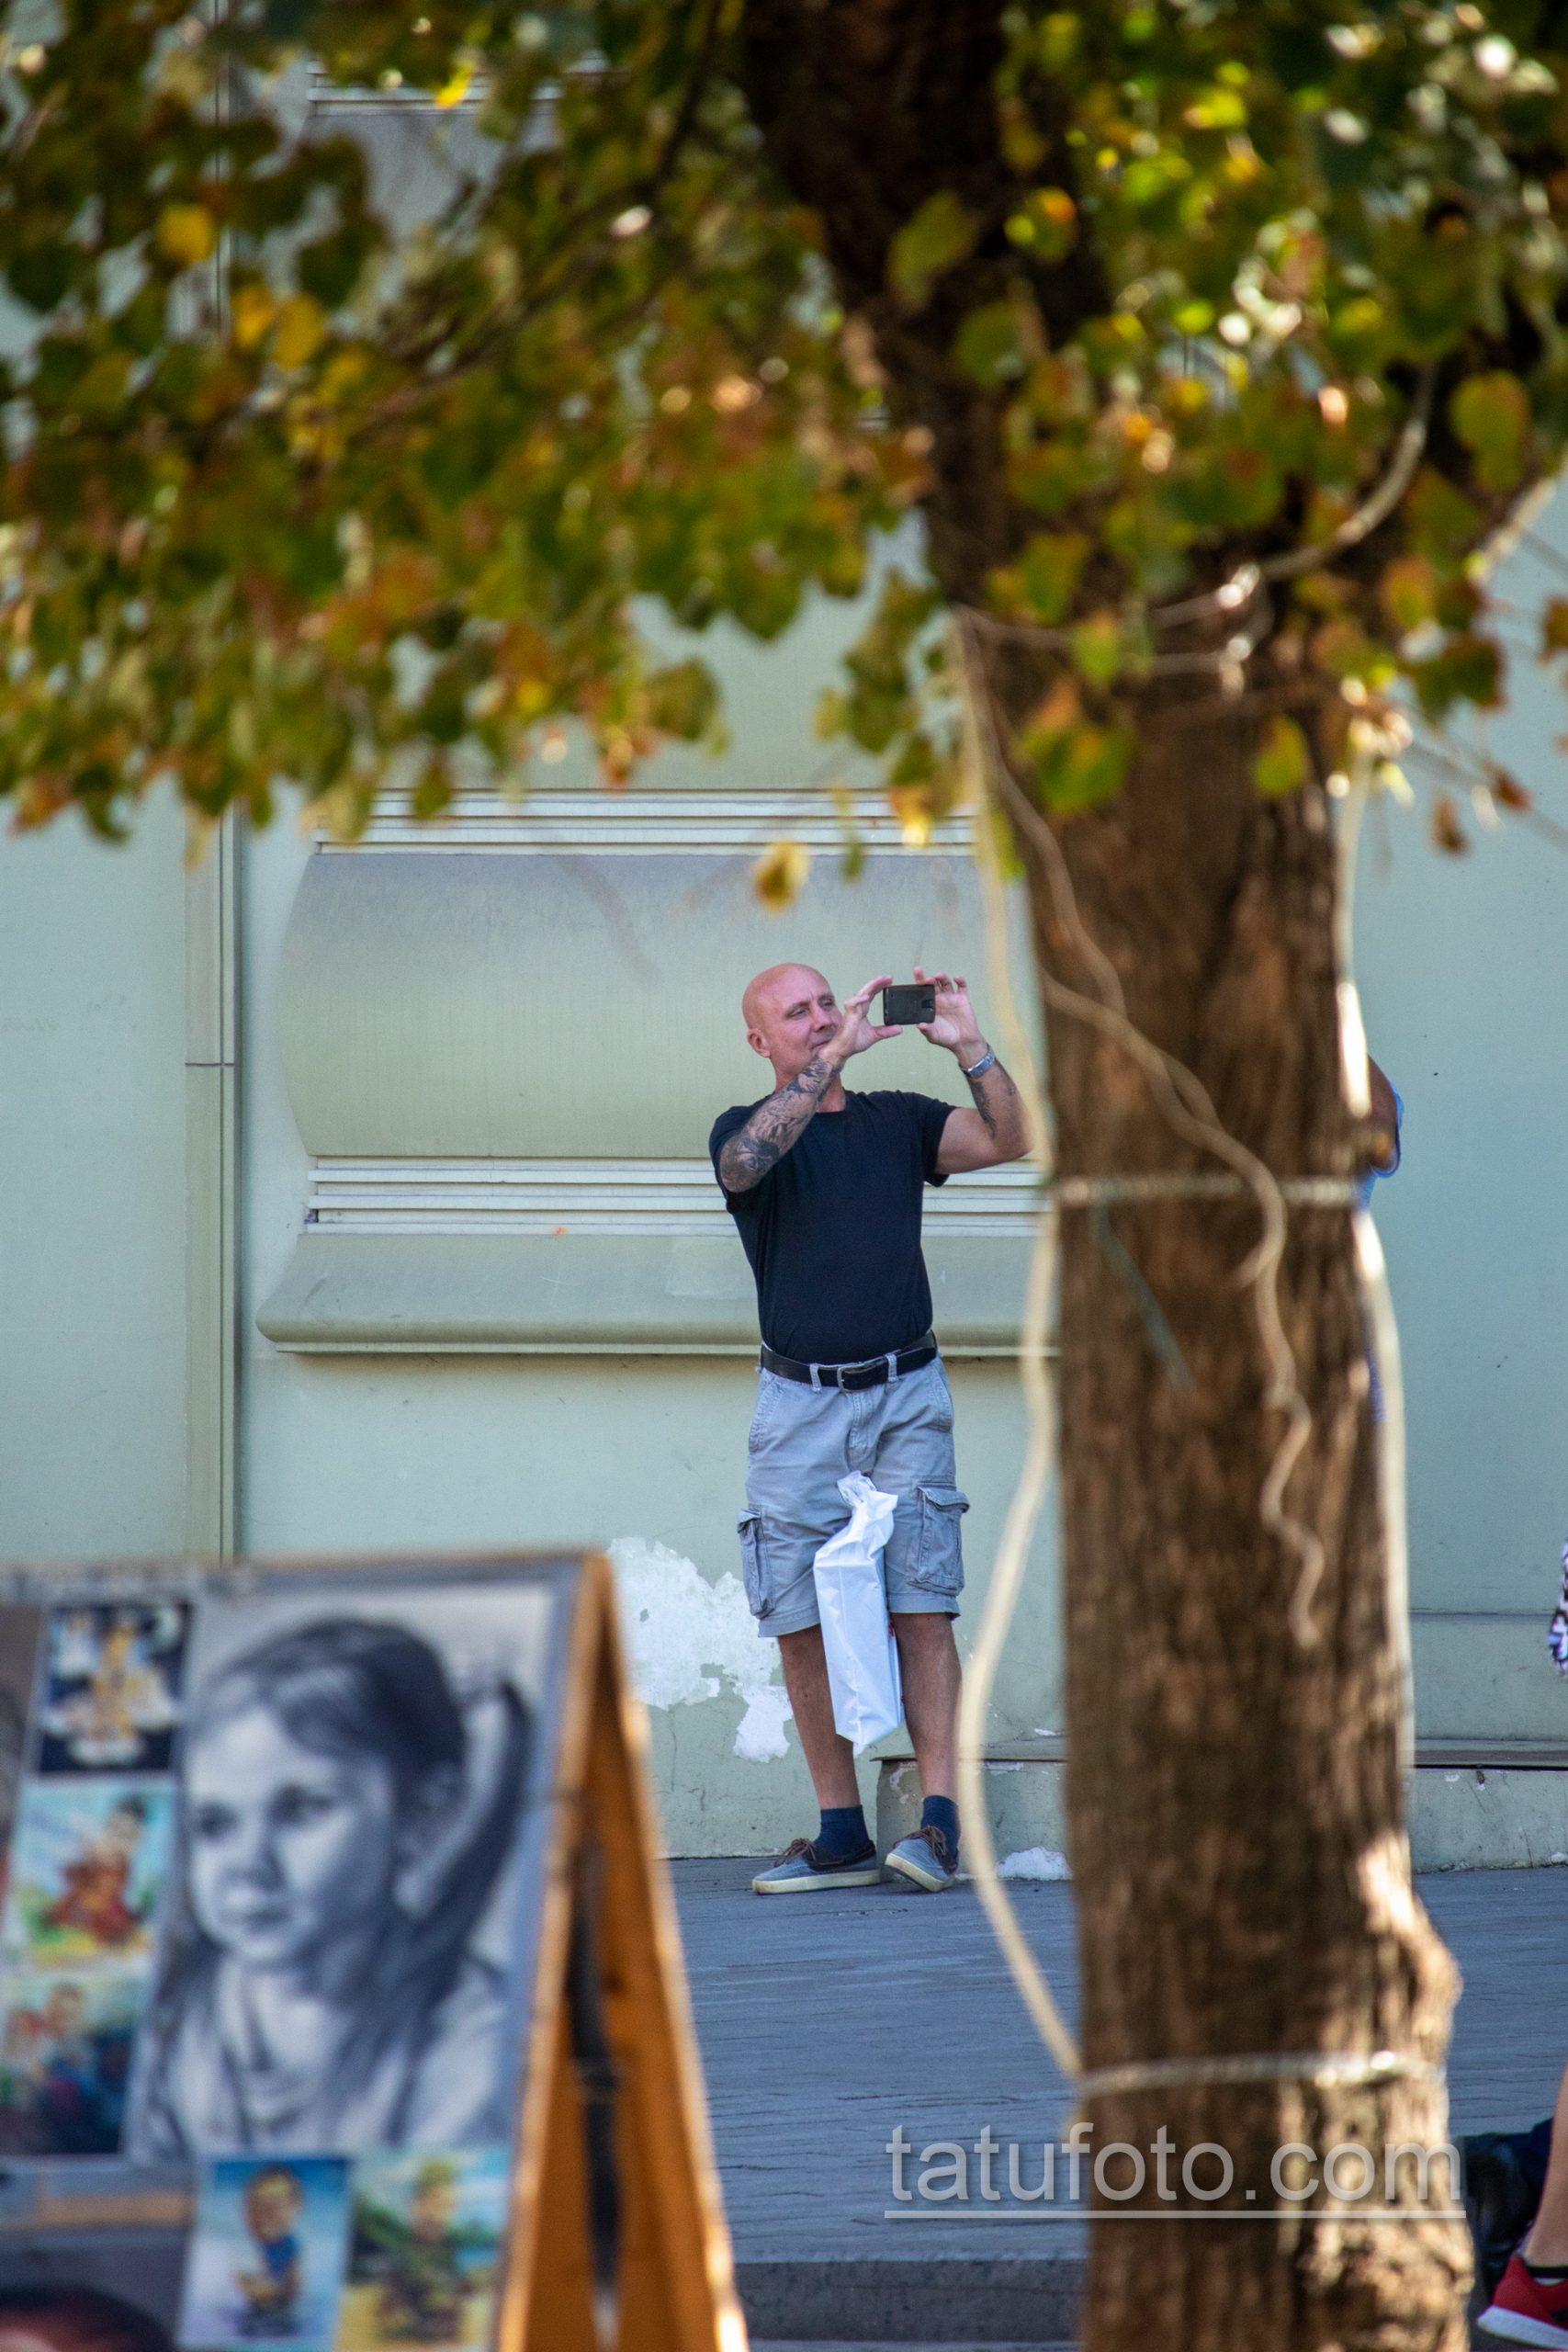 Рукав тату с часами и лицом девушки на правой руке взрослого мужчины - Уличная татуировка 14.09.2020 – tatufoto.com 5